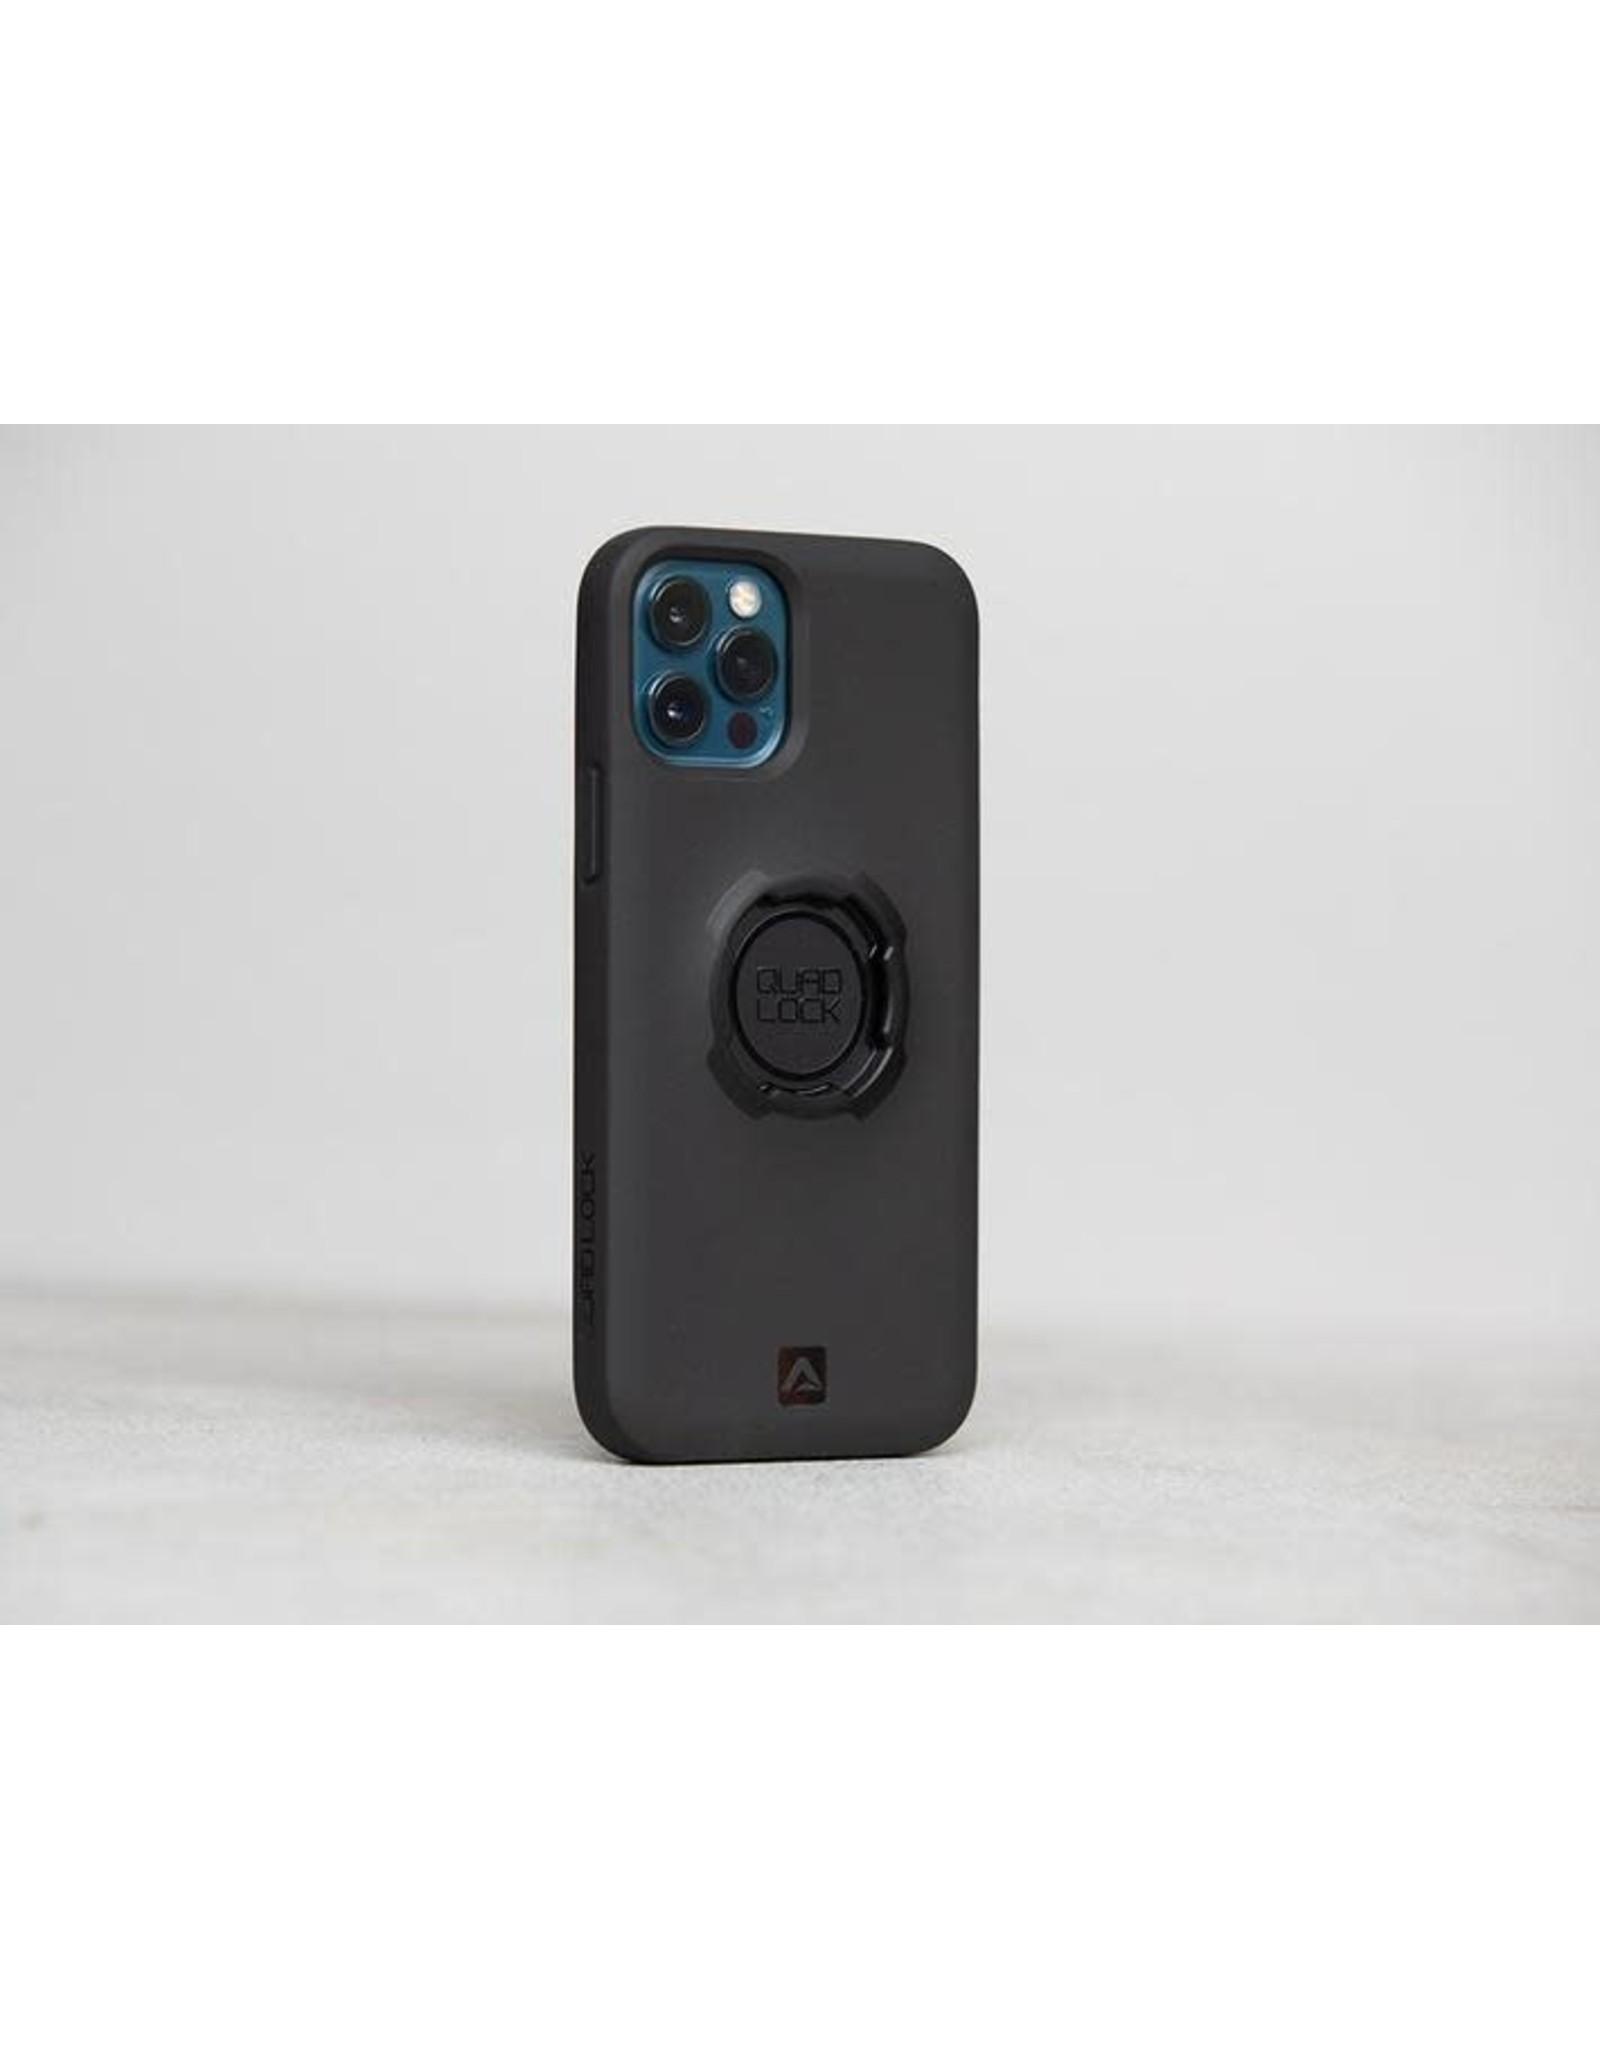 Quad Lock iPhone 12 Pro Max Phone Mount Case